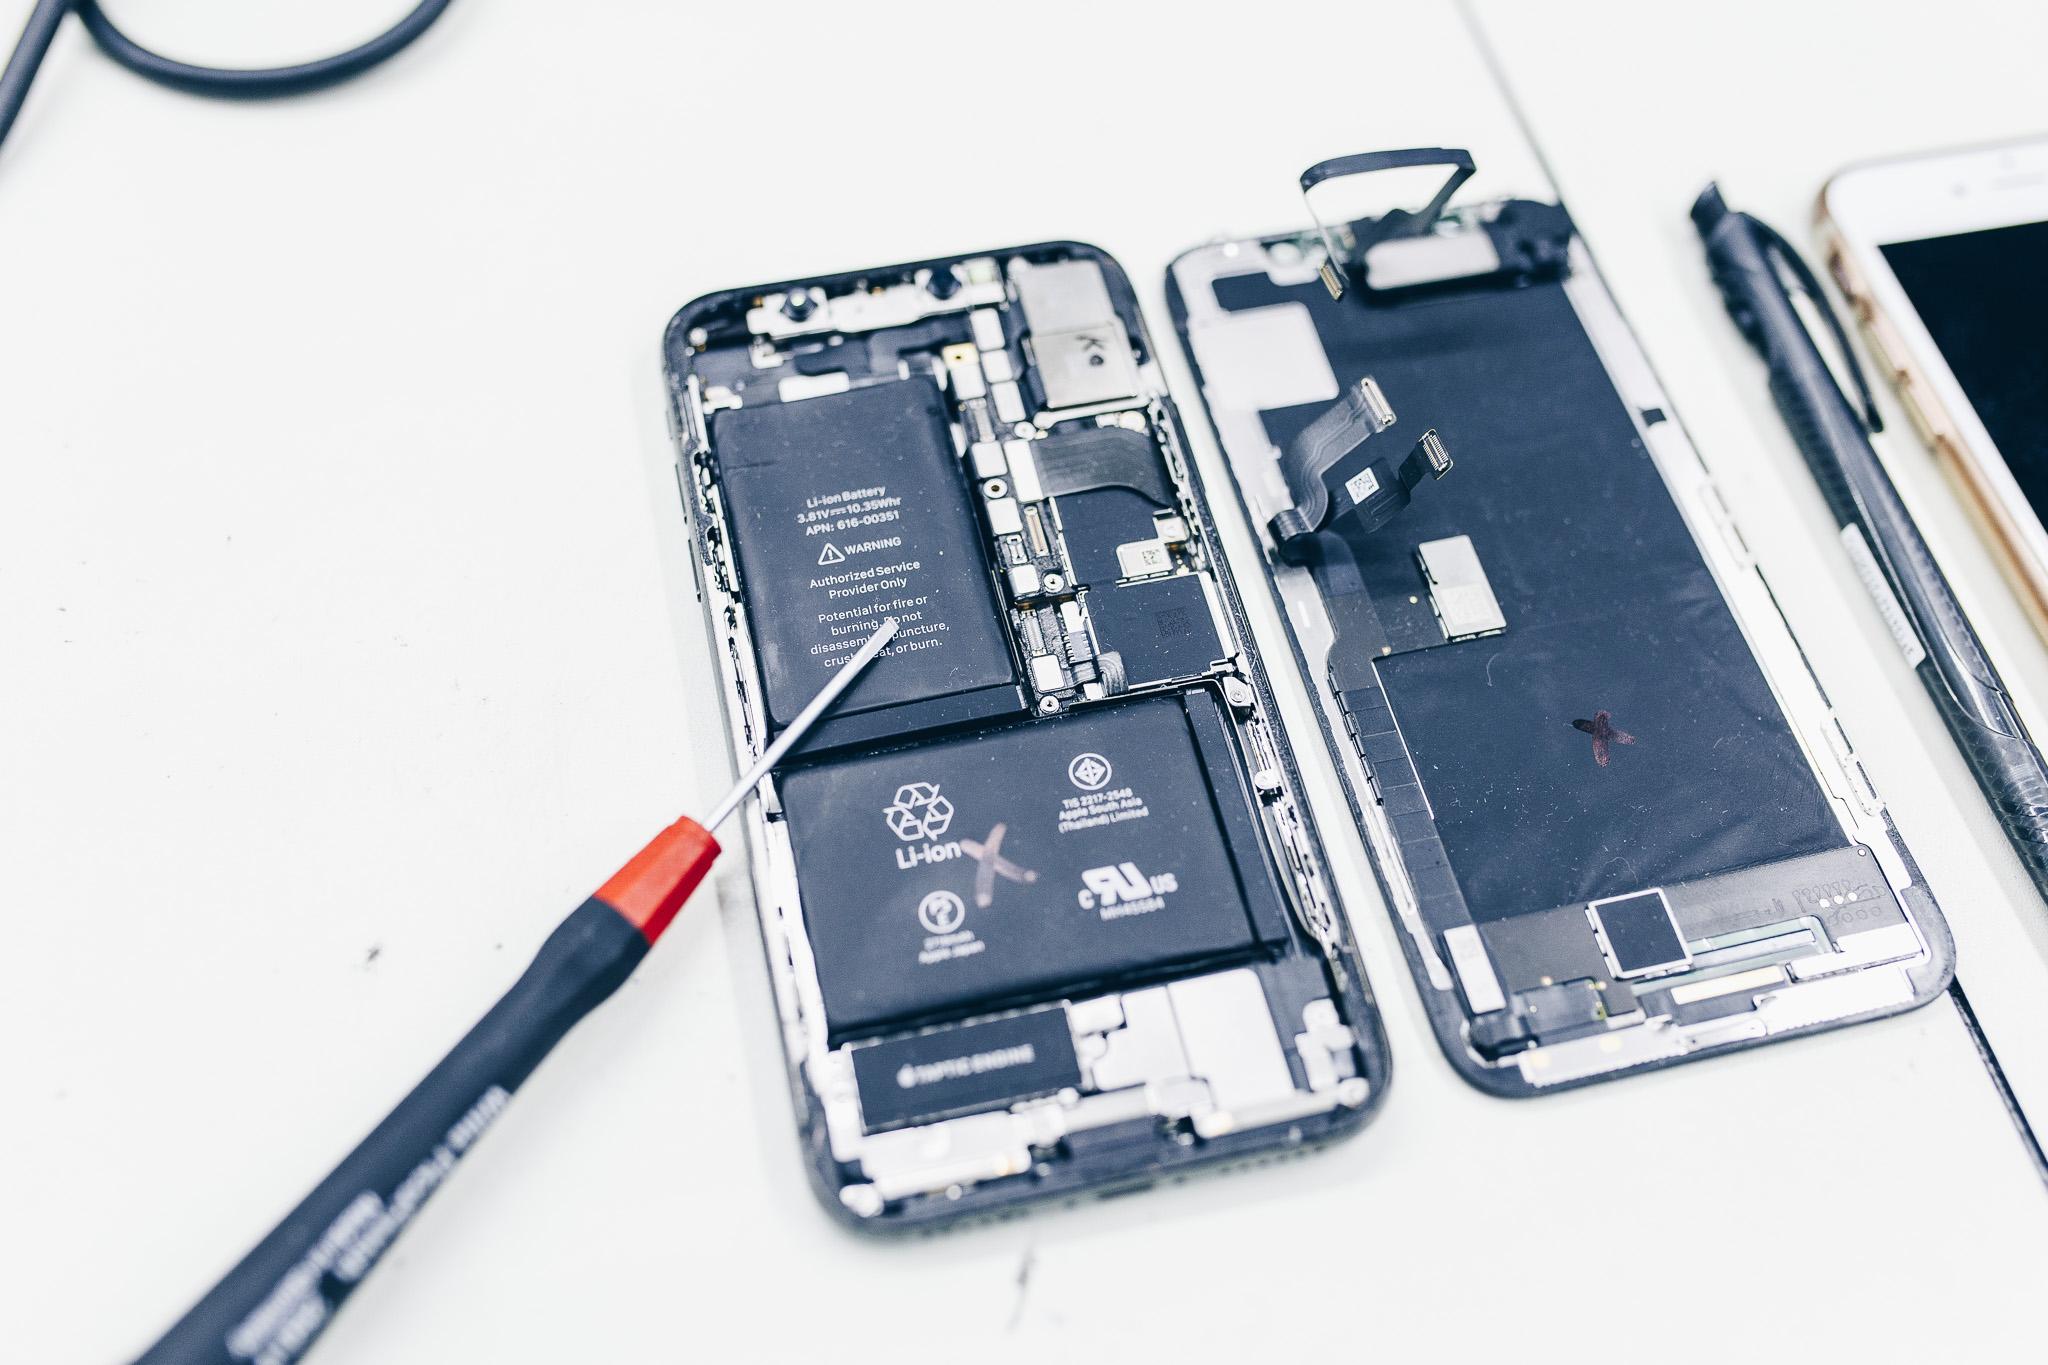 Jak vypadá iPhone mobil uvnitř - rozebraný iPhone telefon